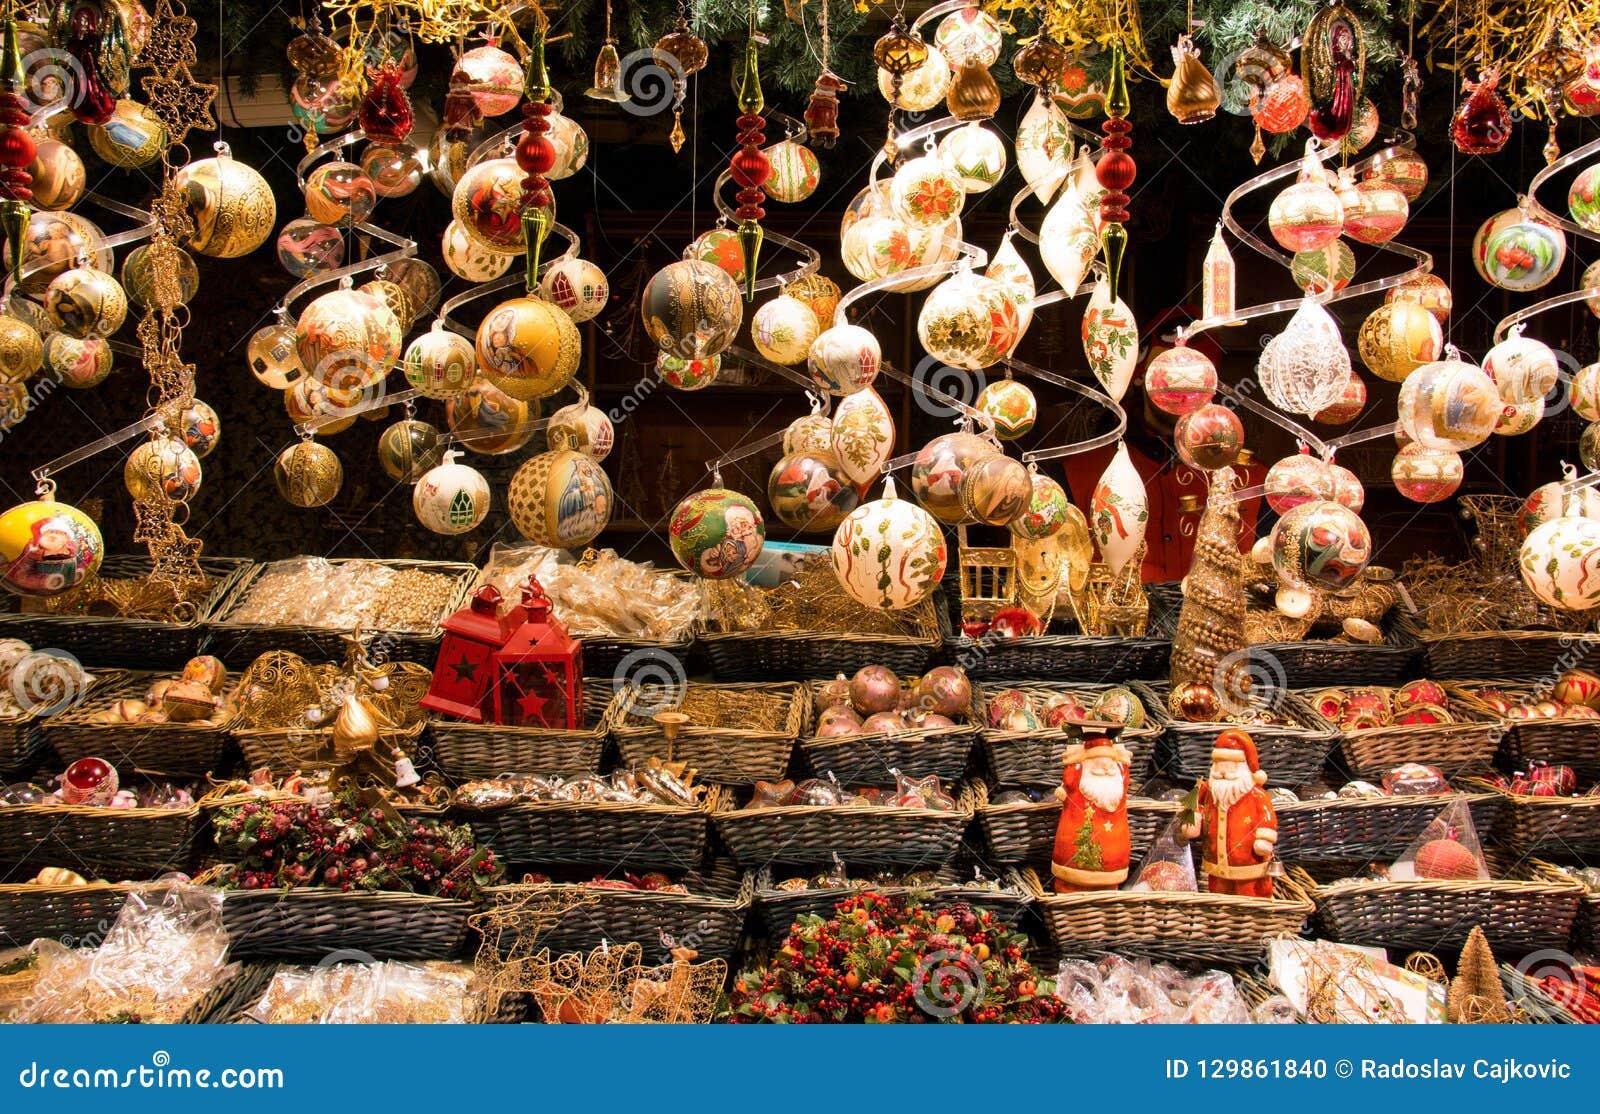 Вися поводы окна дисплея украшений шариков рождества традиционные, орнаментальных, винтажного и христианских